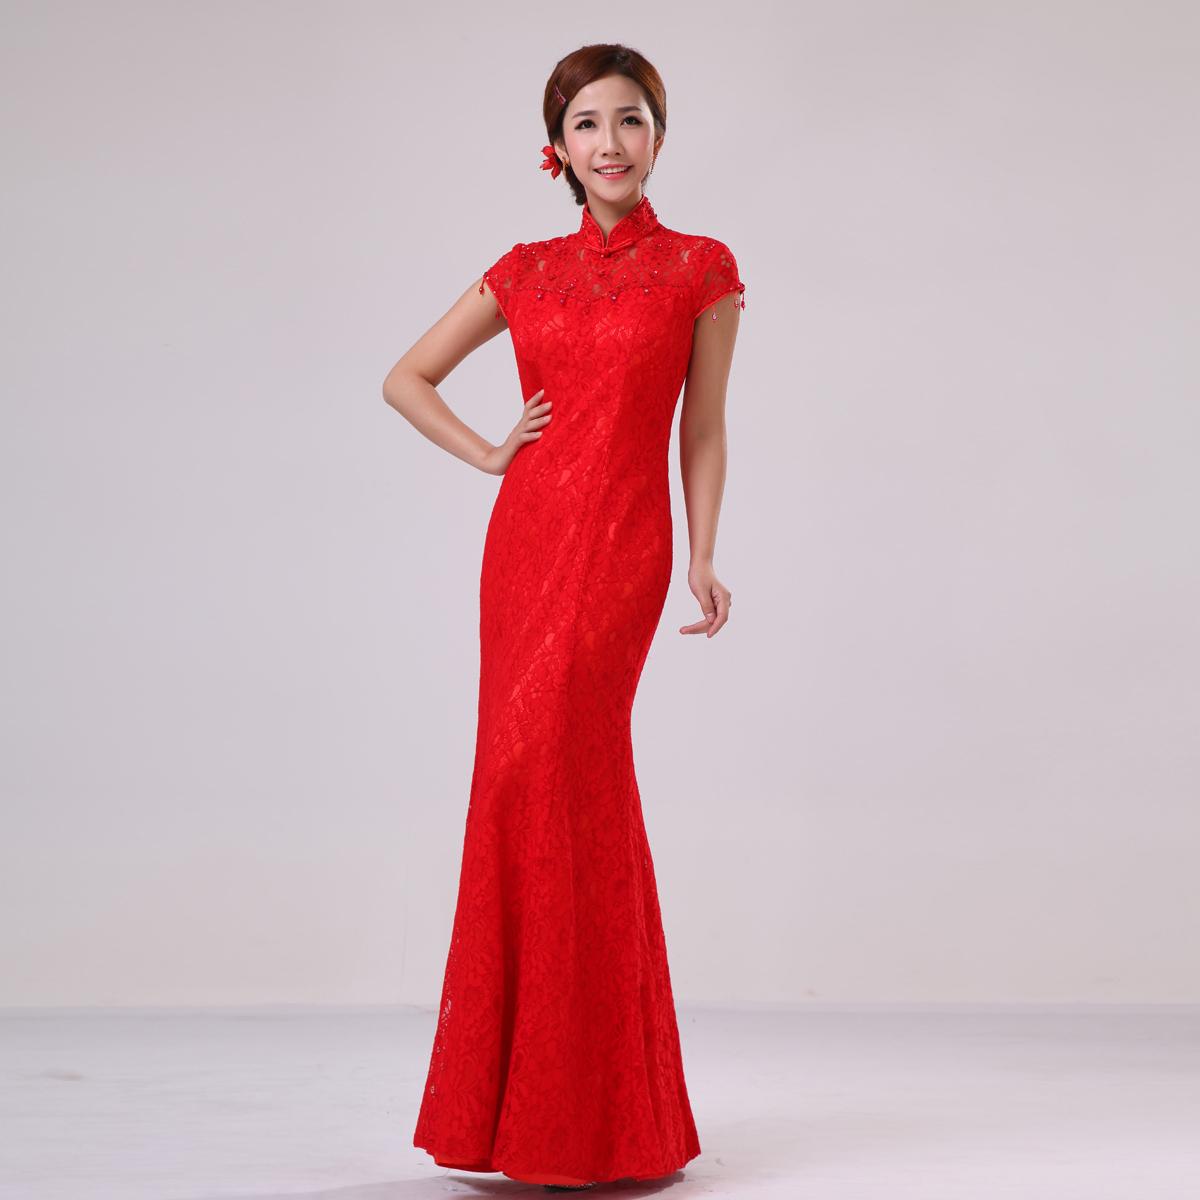 Купить Красивое Платье Вечернее В Интернет Магазине